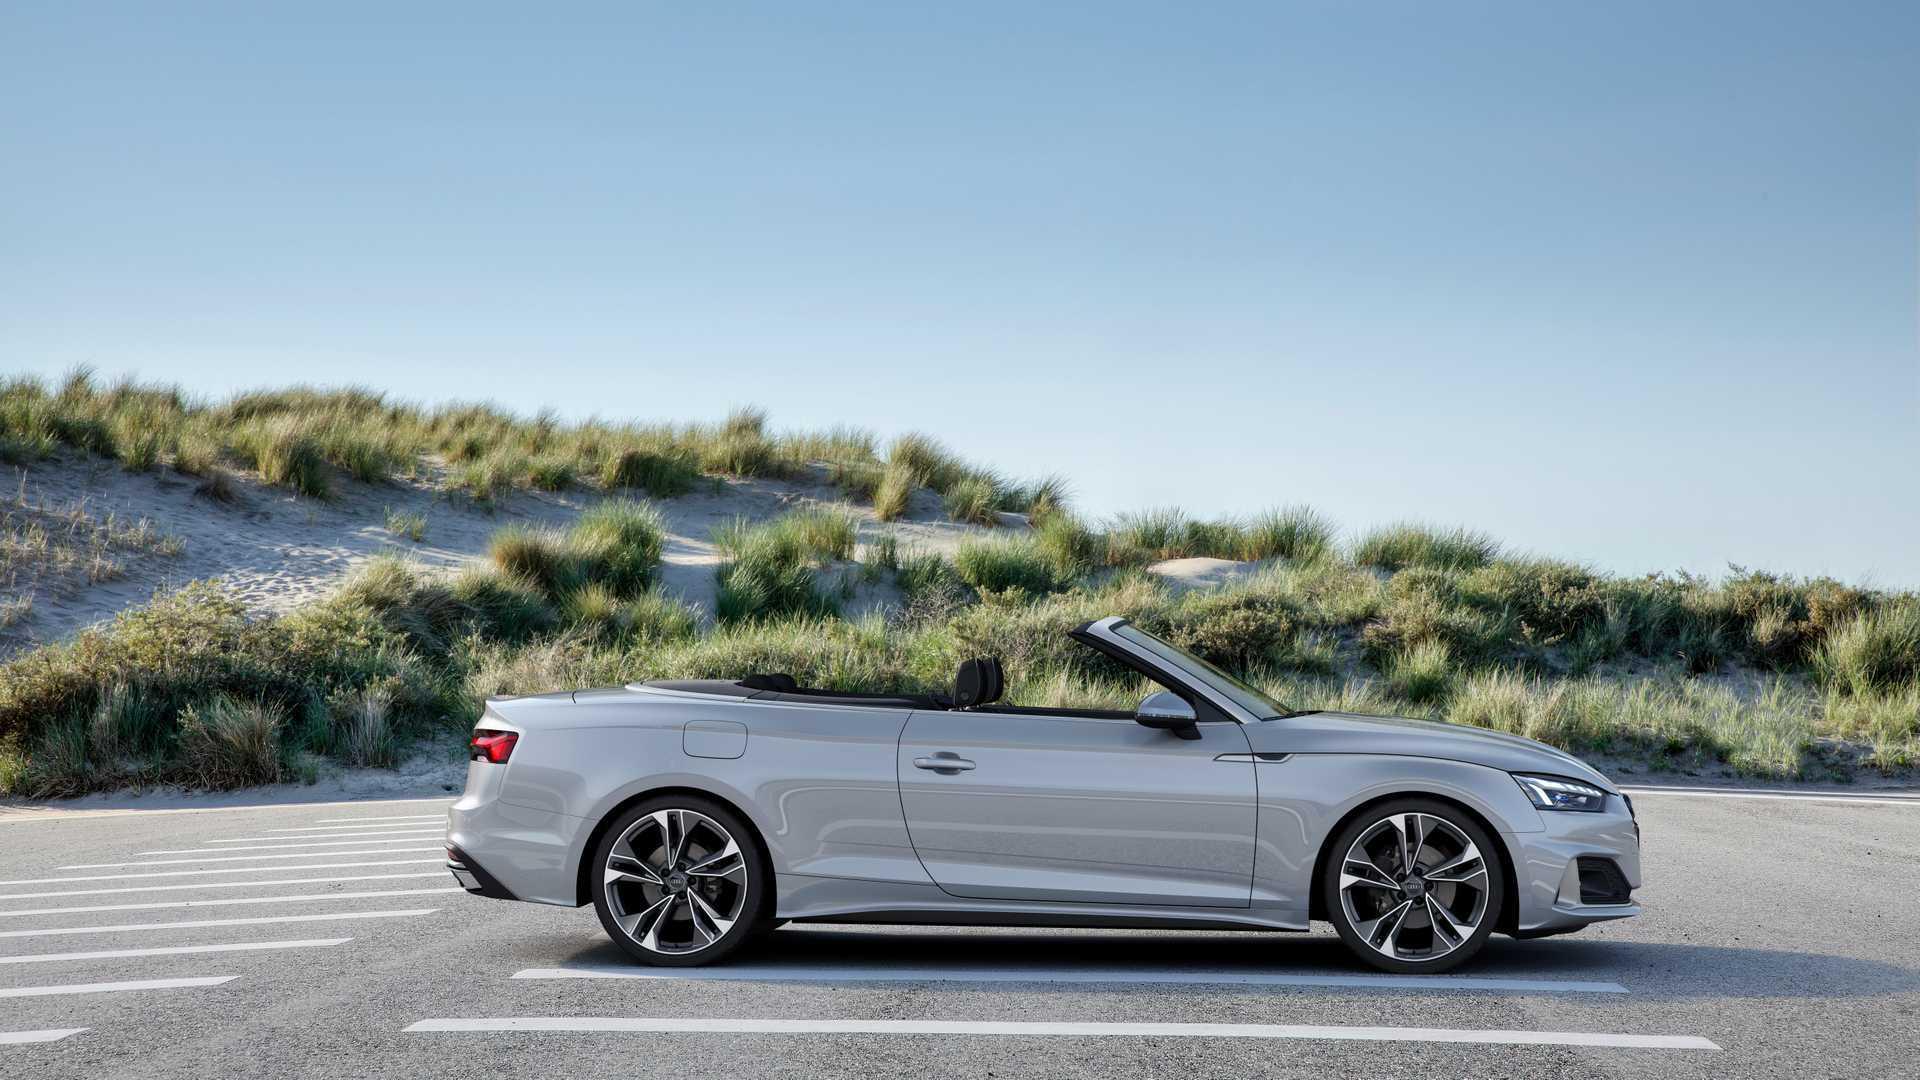 Audi A5 Y S5 Tdi 2020 Una Actualizacion Basada En El Diseno